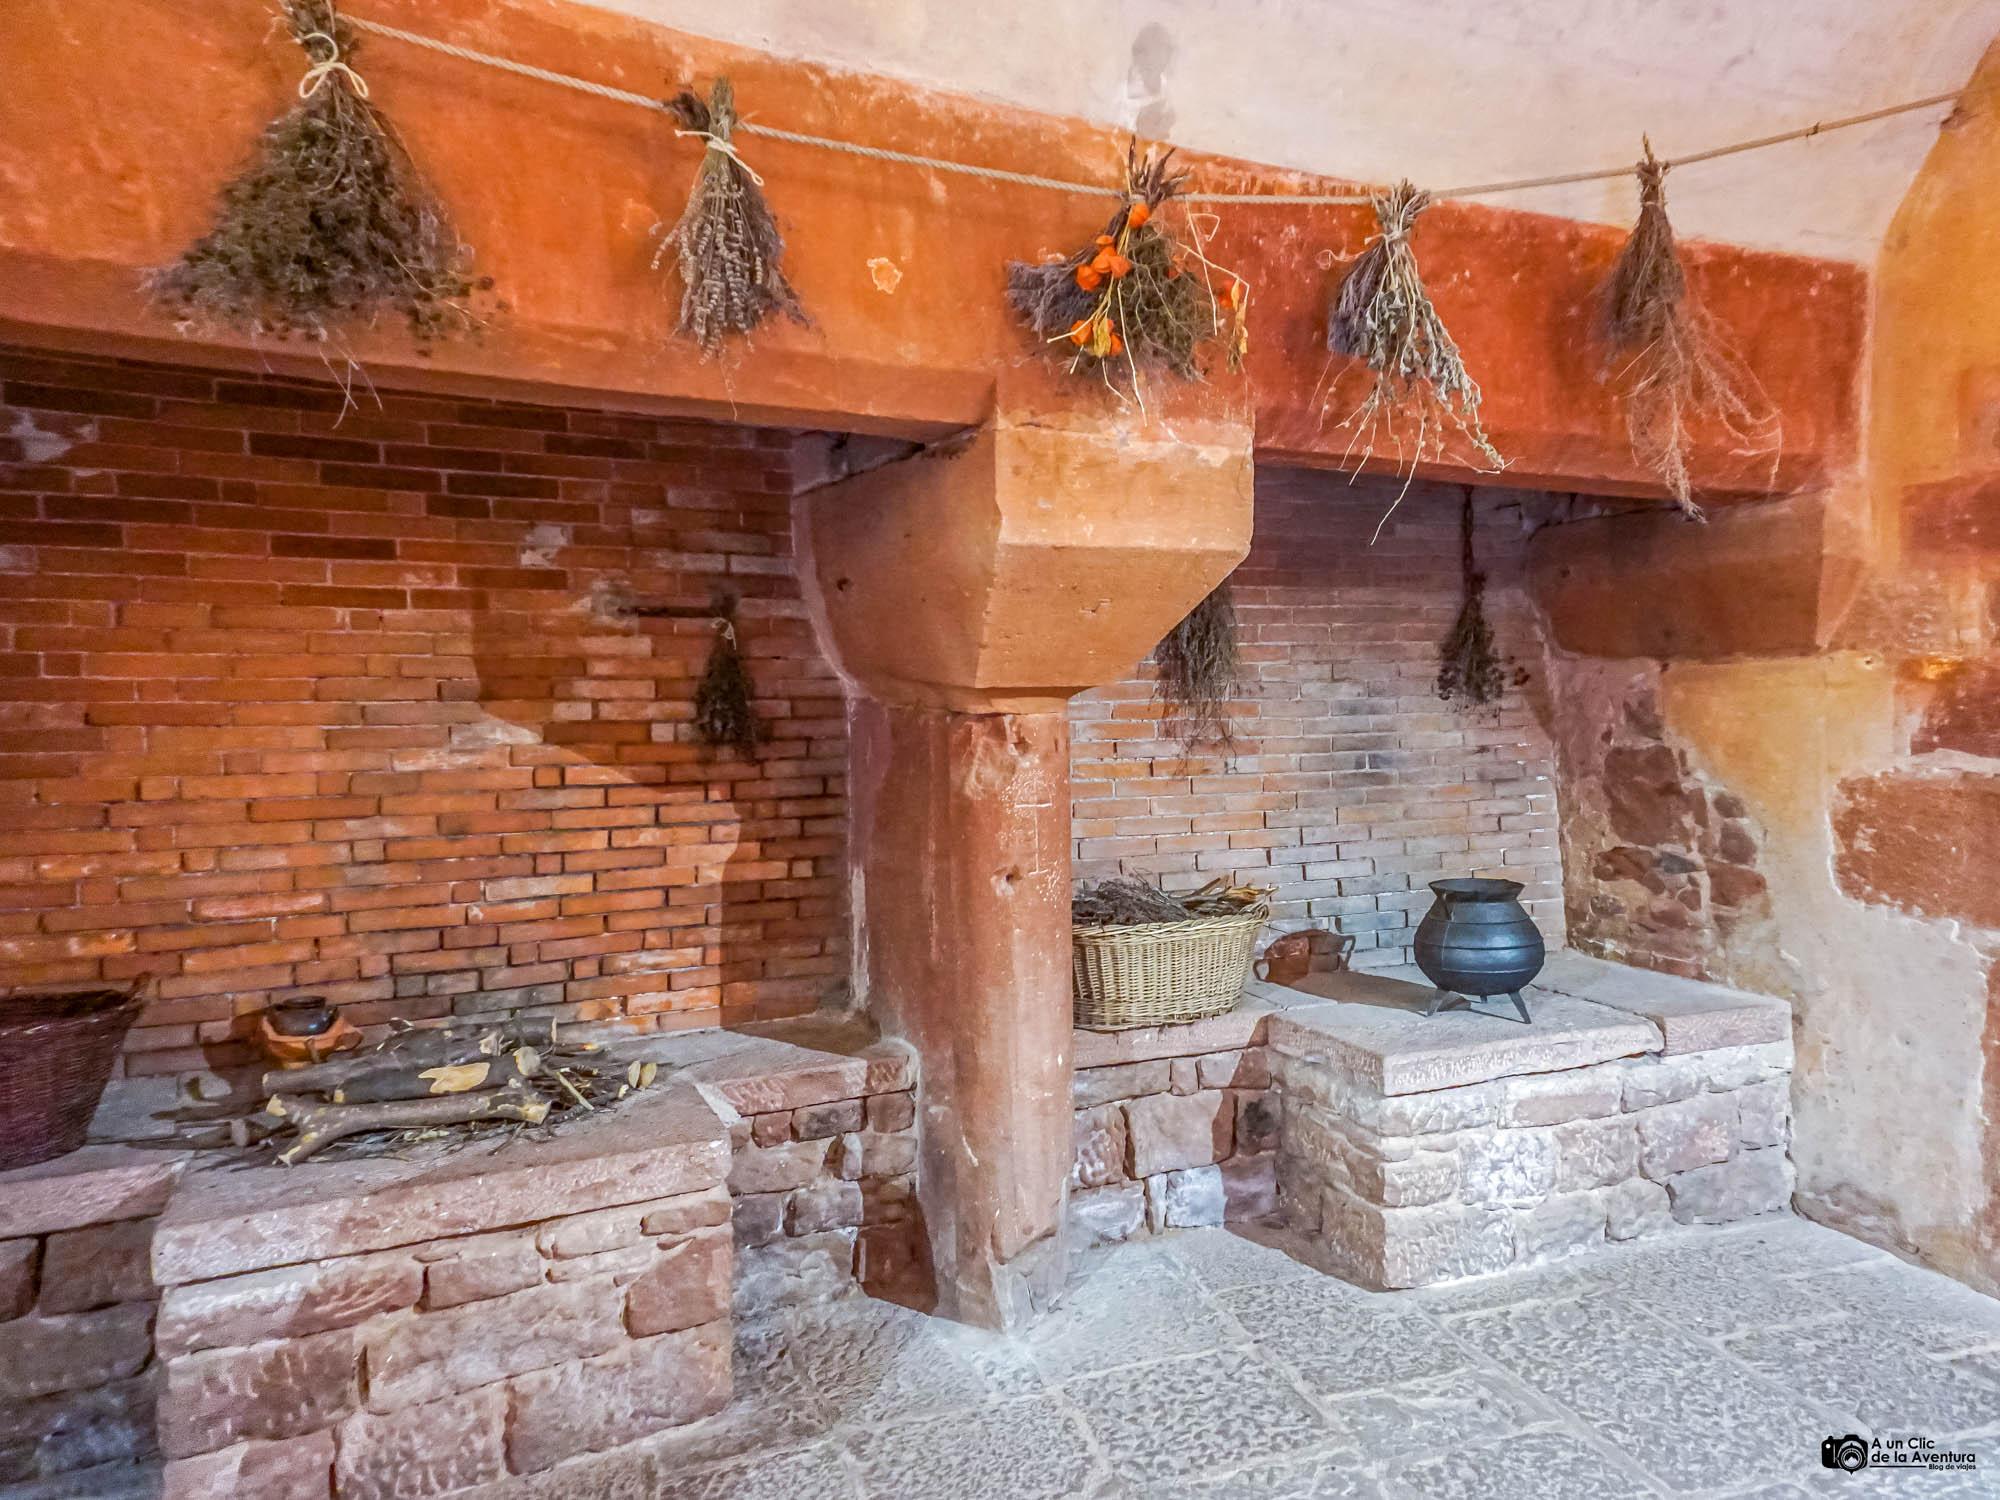 Cocina medieval del Castillo de Haut-Koenigsbourg